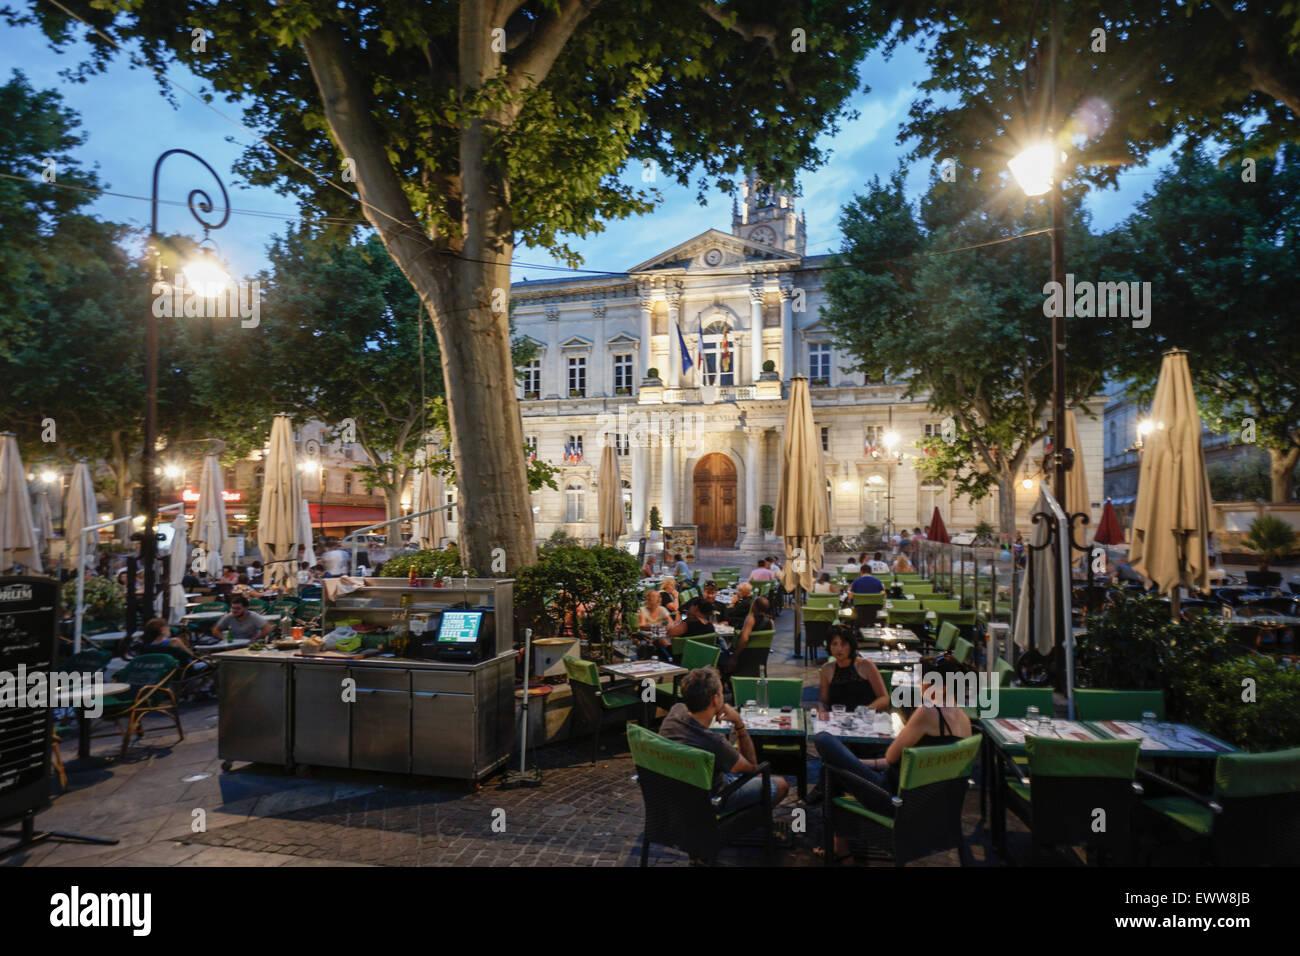 Hotel de Ville, Street Cafes, Place de la Horloge,  Avignon, Bouche du Rhone, France Stock Photo